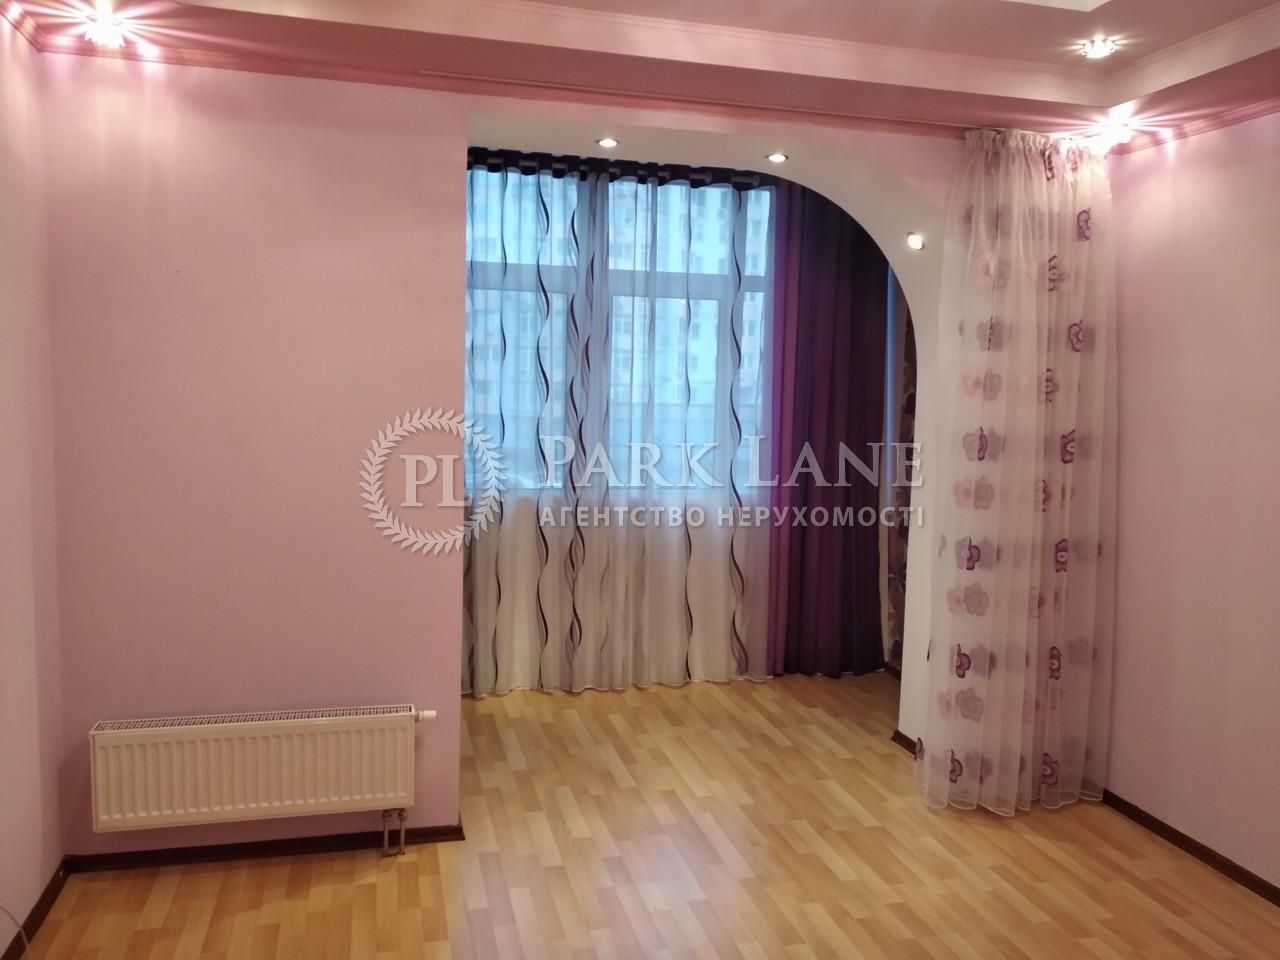 Квартира ул. Ломоносова, 54, Киев, Z-477471 - Фото 5